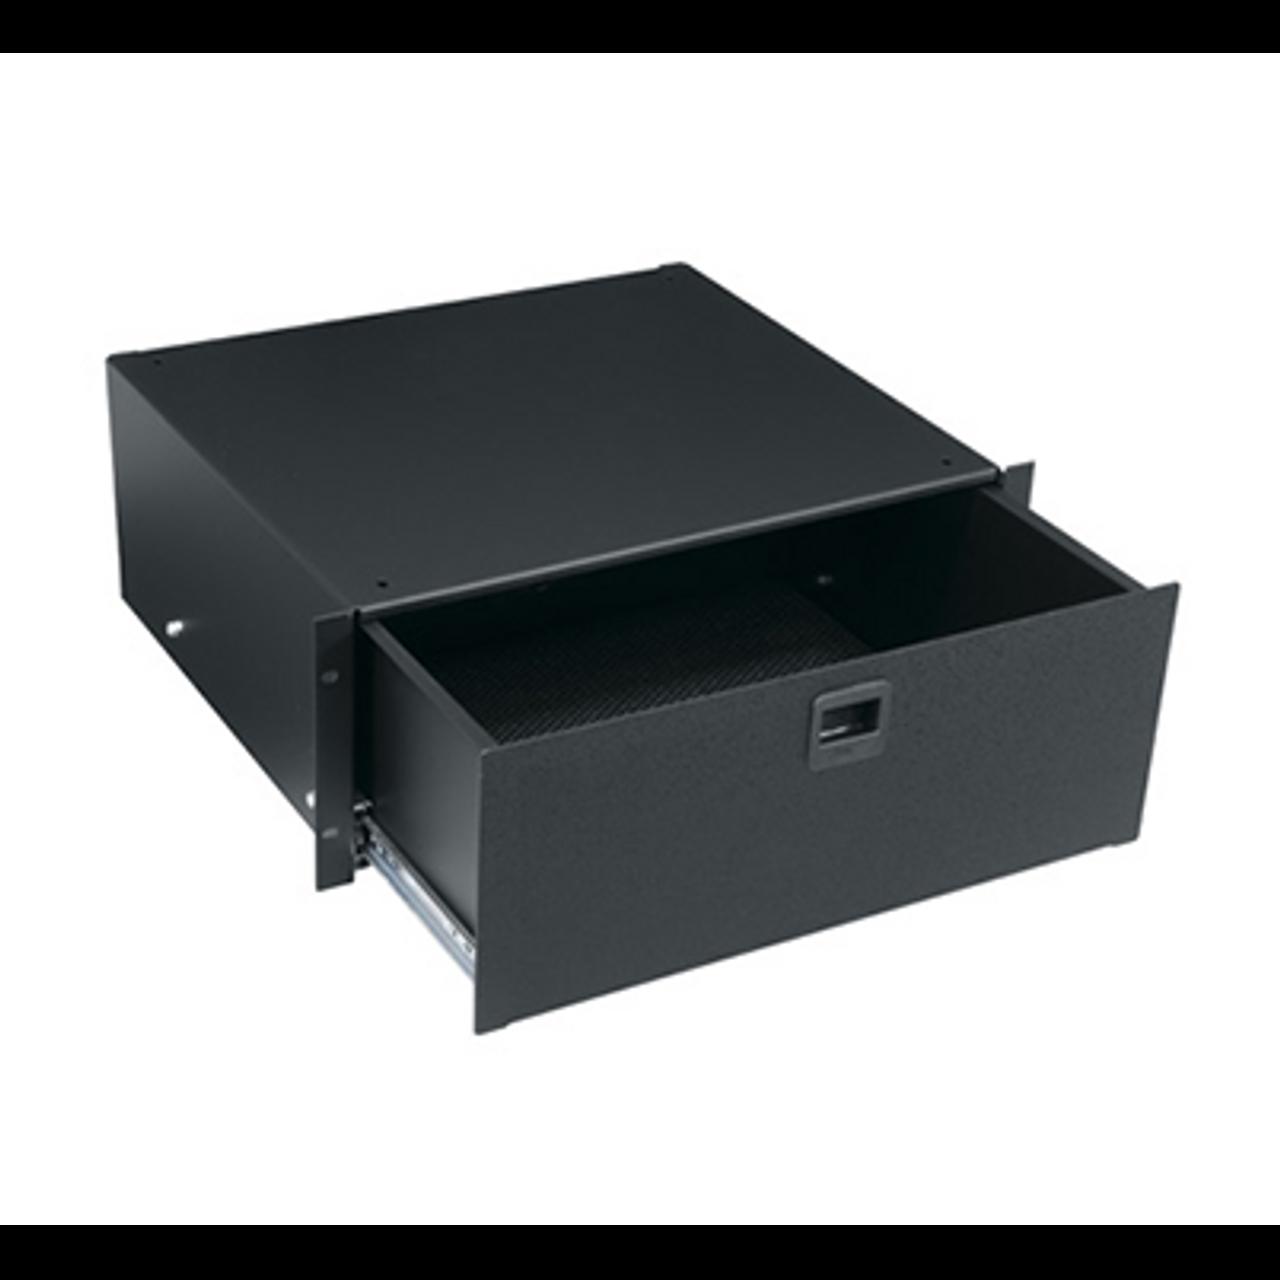 rack mount drawers server rack storage locking drawer. Black Bedroom Furniture Sets. Home Design Ideas